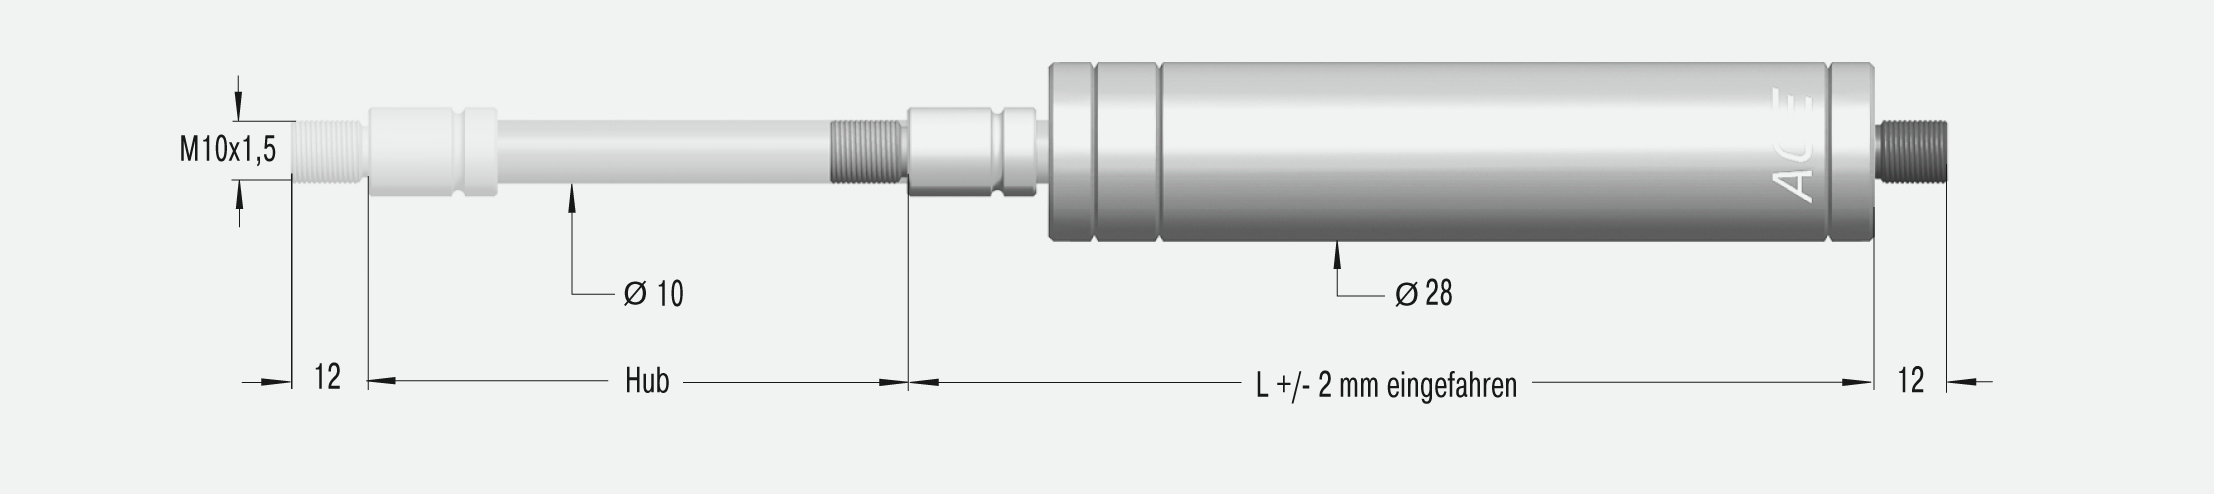 GZ-28-550-V4A